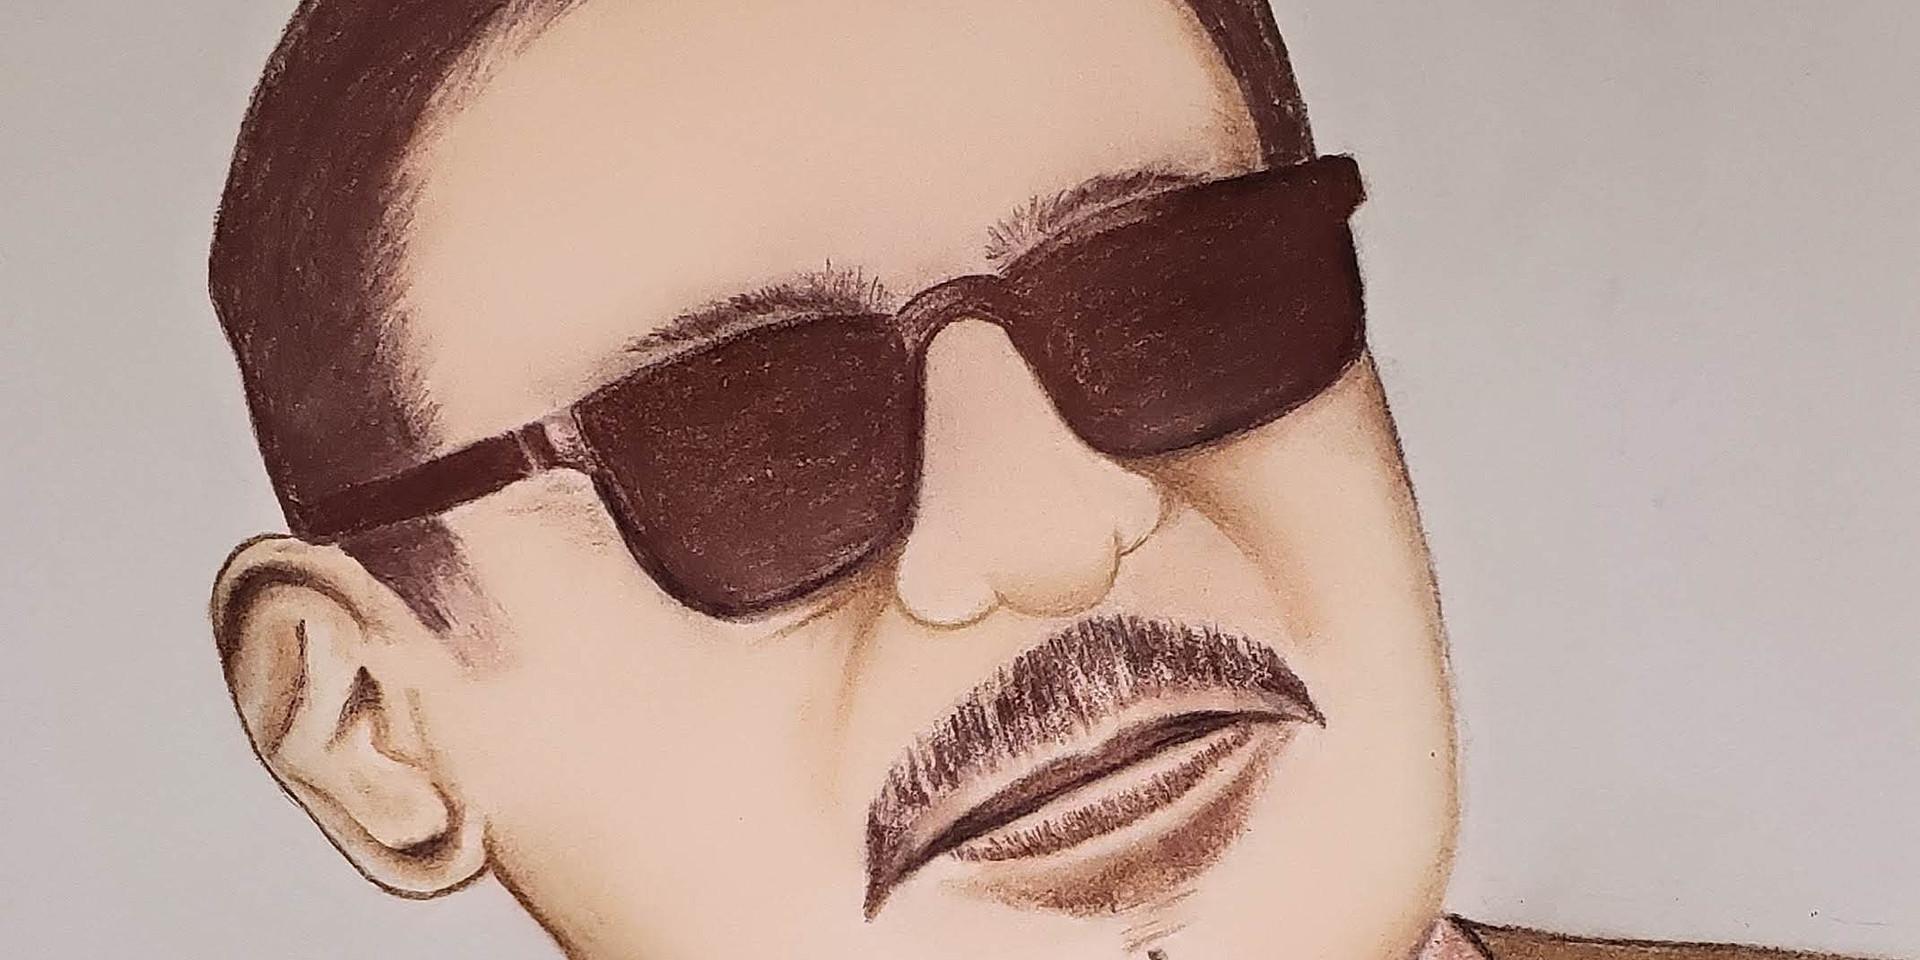 Selfie portrait in Pastel skin tone